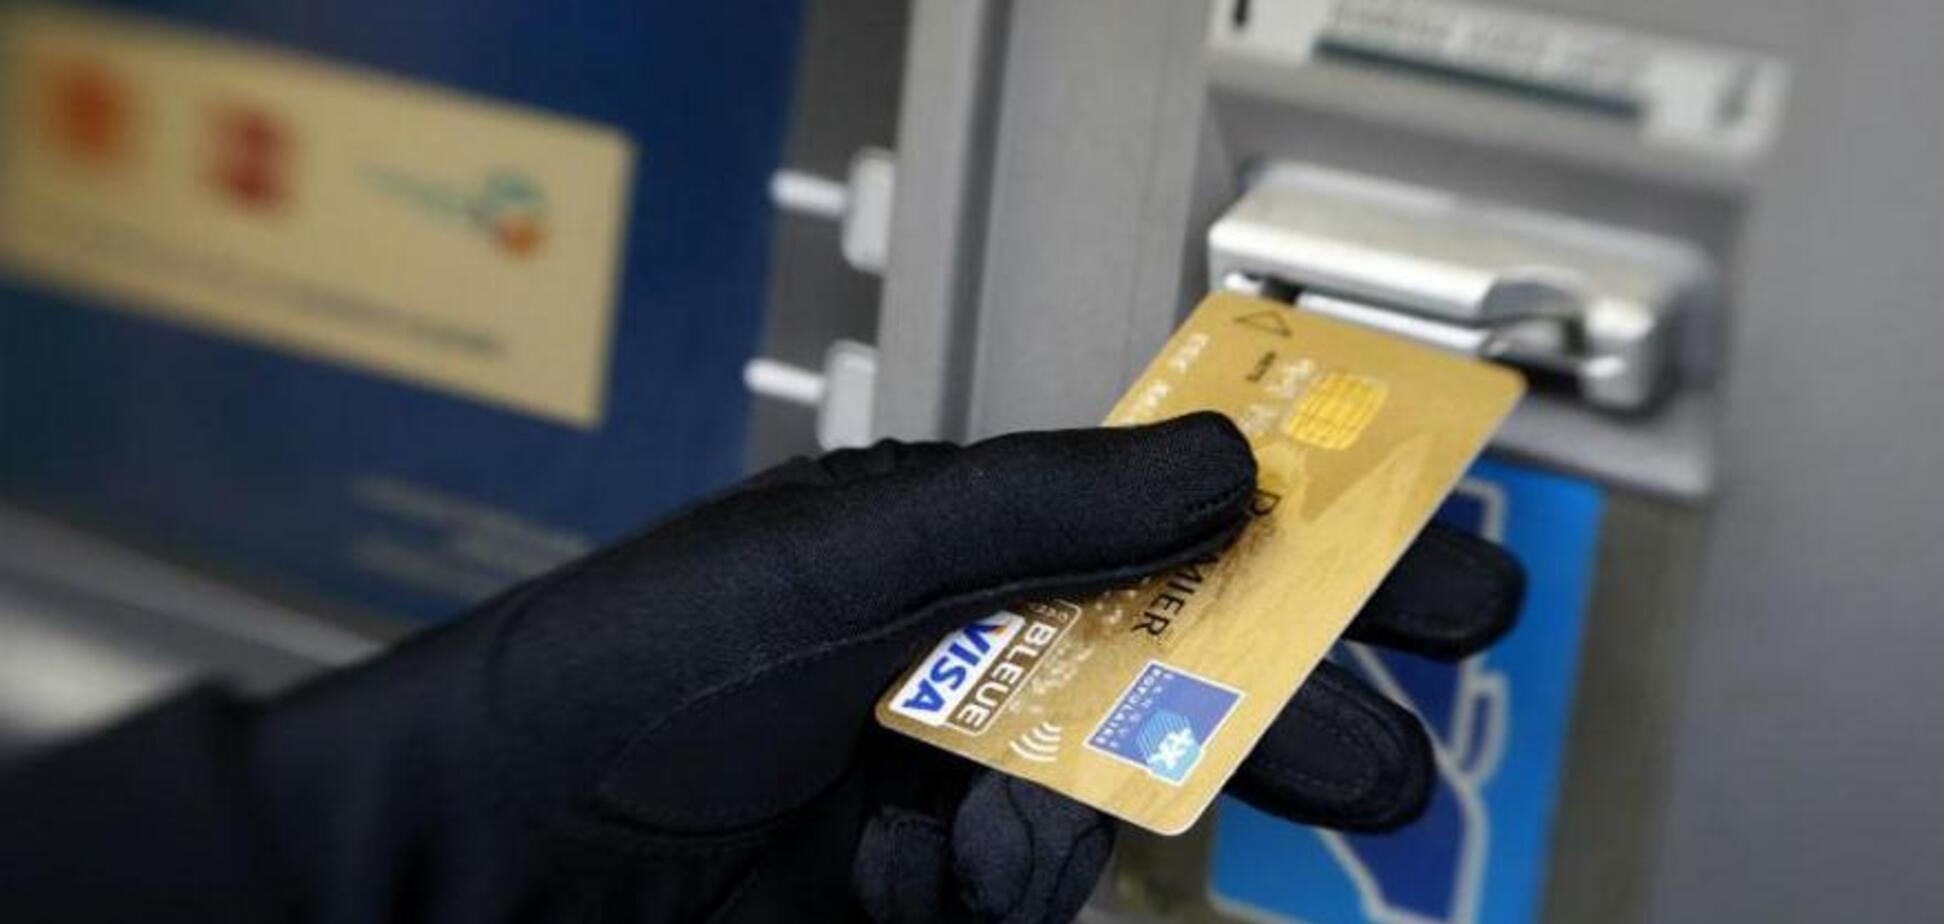 Осторожно, мошенники! Юрист дал советы владельцам банковских карт